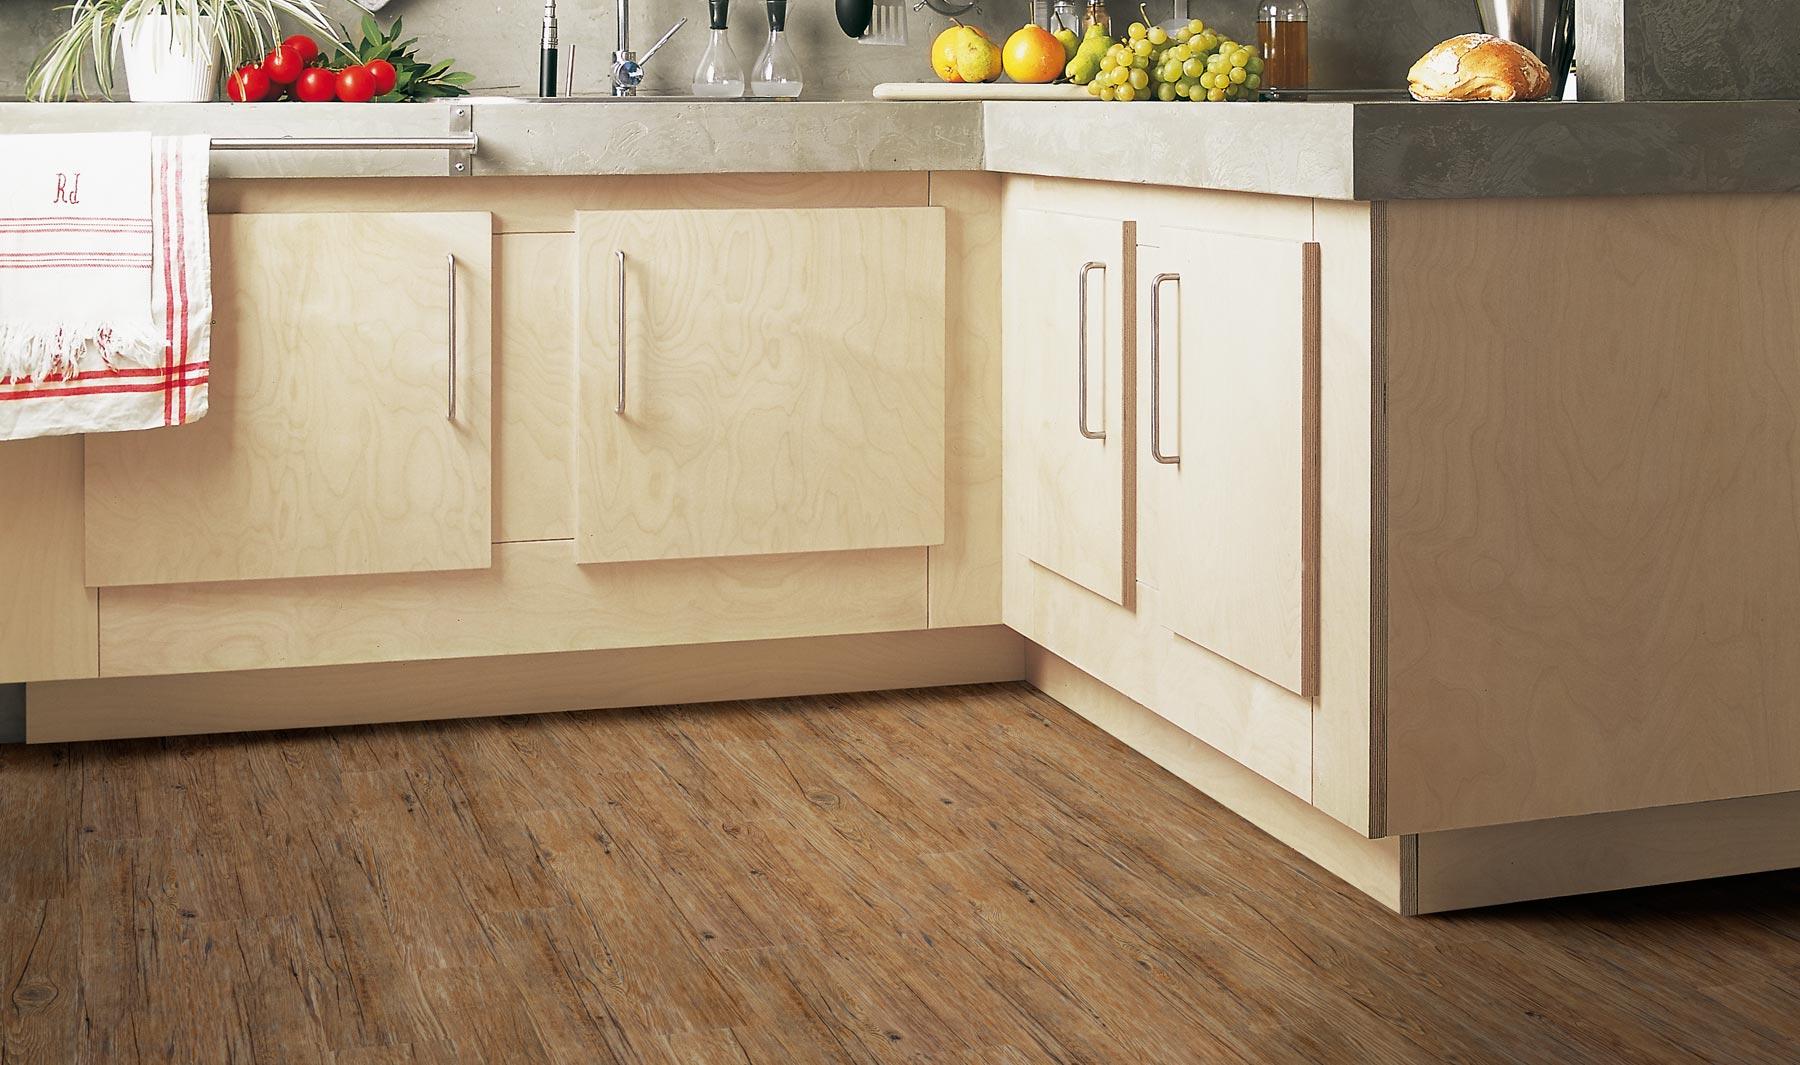 Nuevo suelo bueno bonito y barato para toda tu casa - Vinilos para suelos de cocina ...